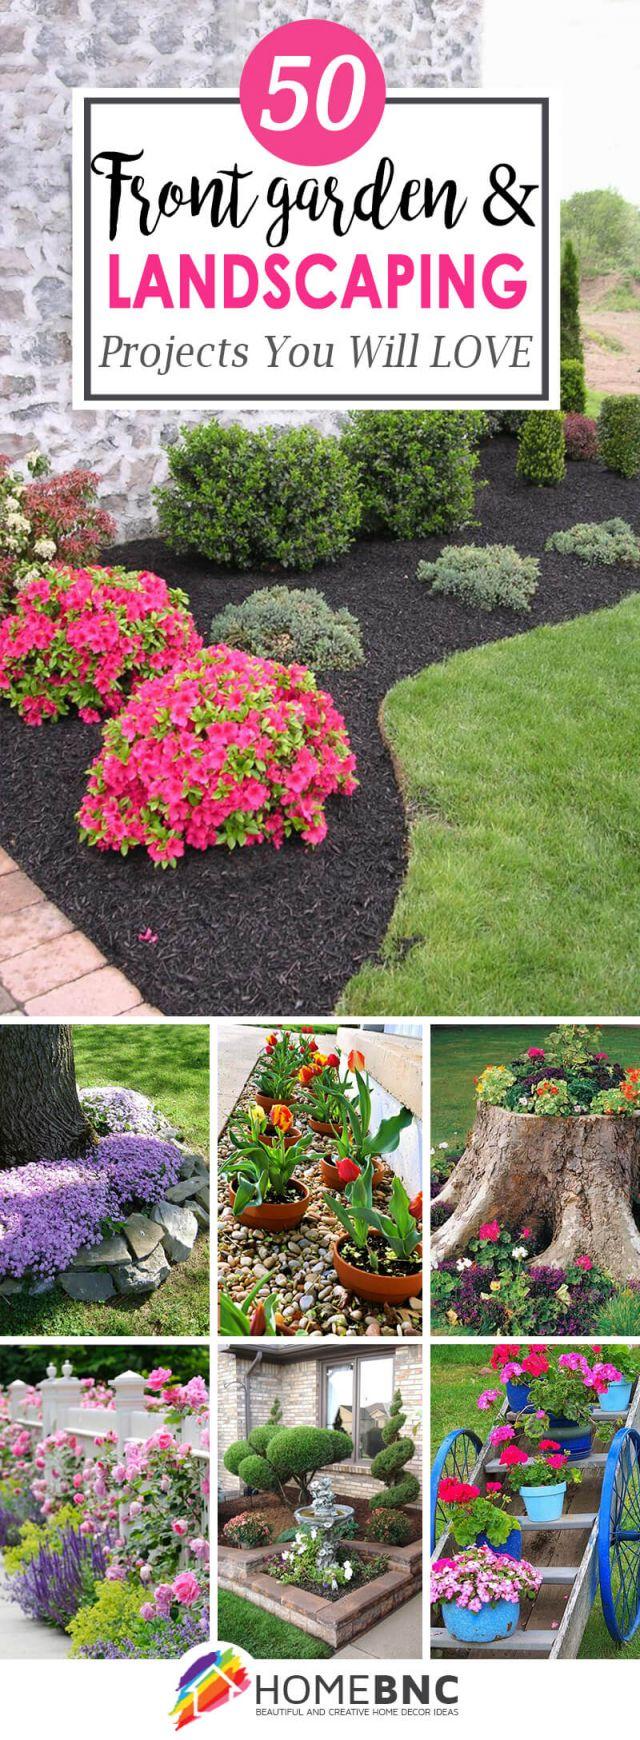 Adorable front garden border ideas